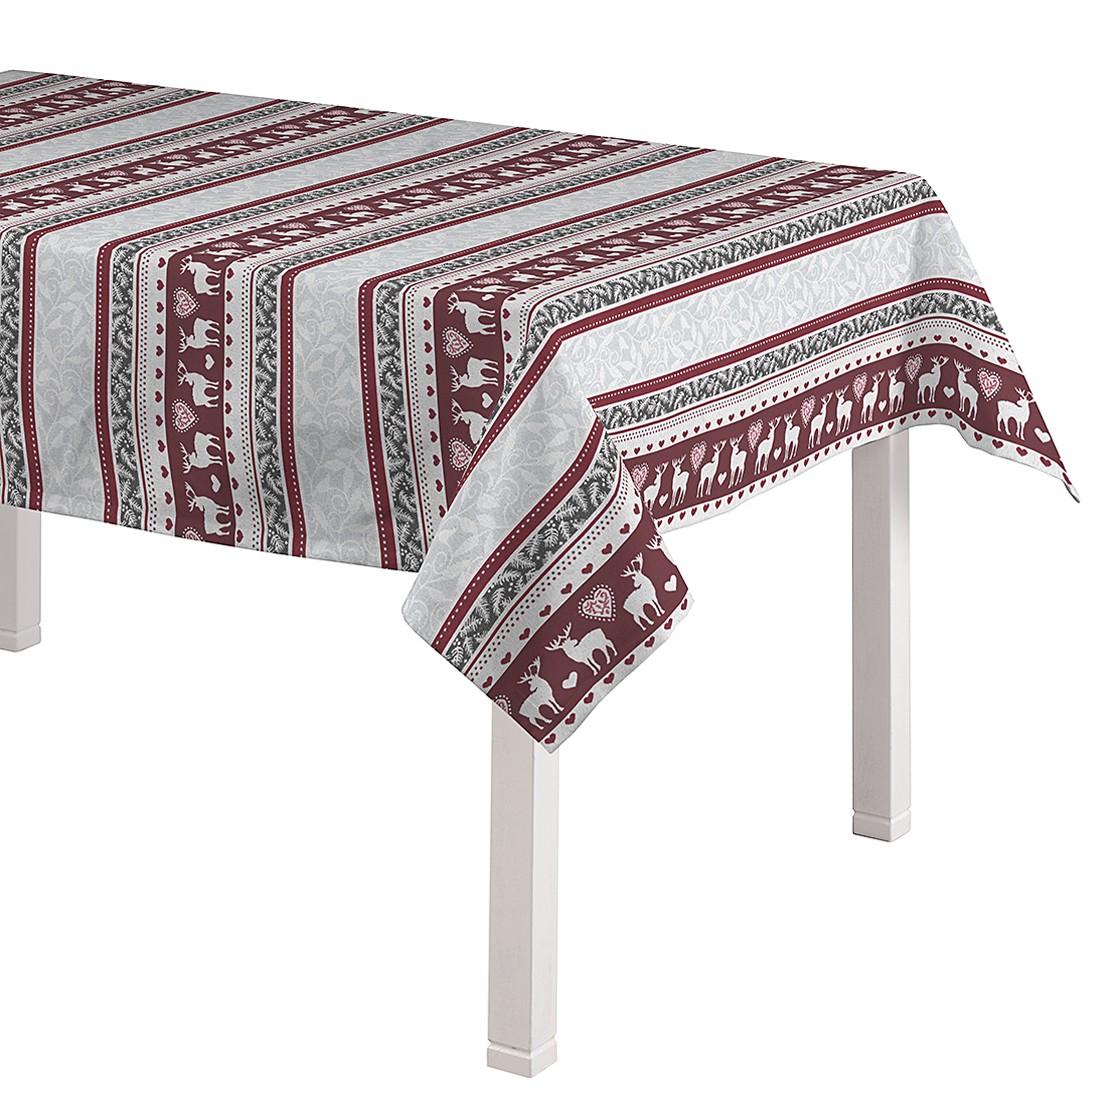 Tischdecke Rentiere – Grau / Rot – 130 x 130 cm, Dekoria jetzt kaufen